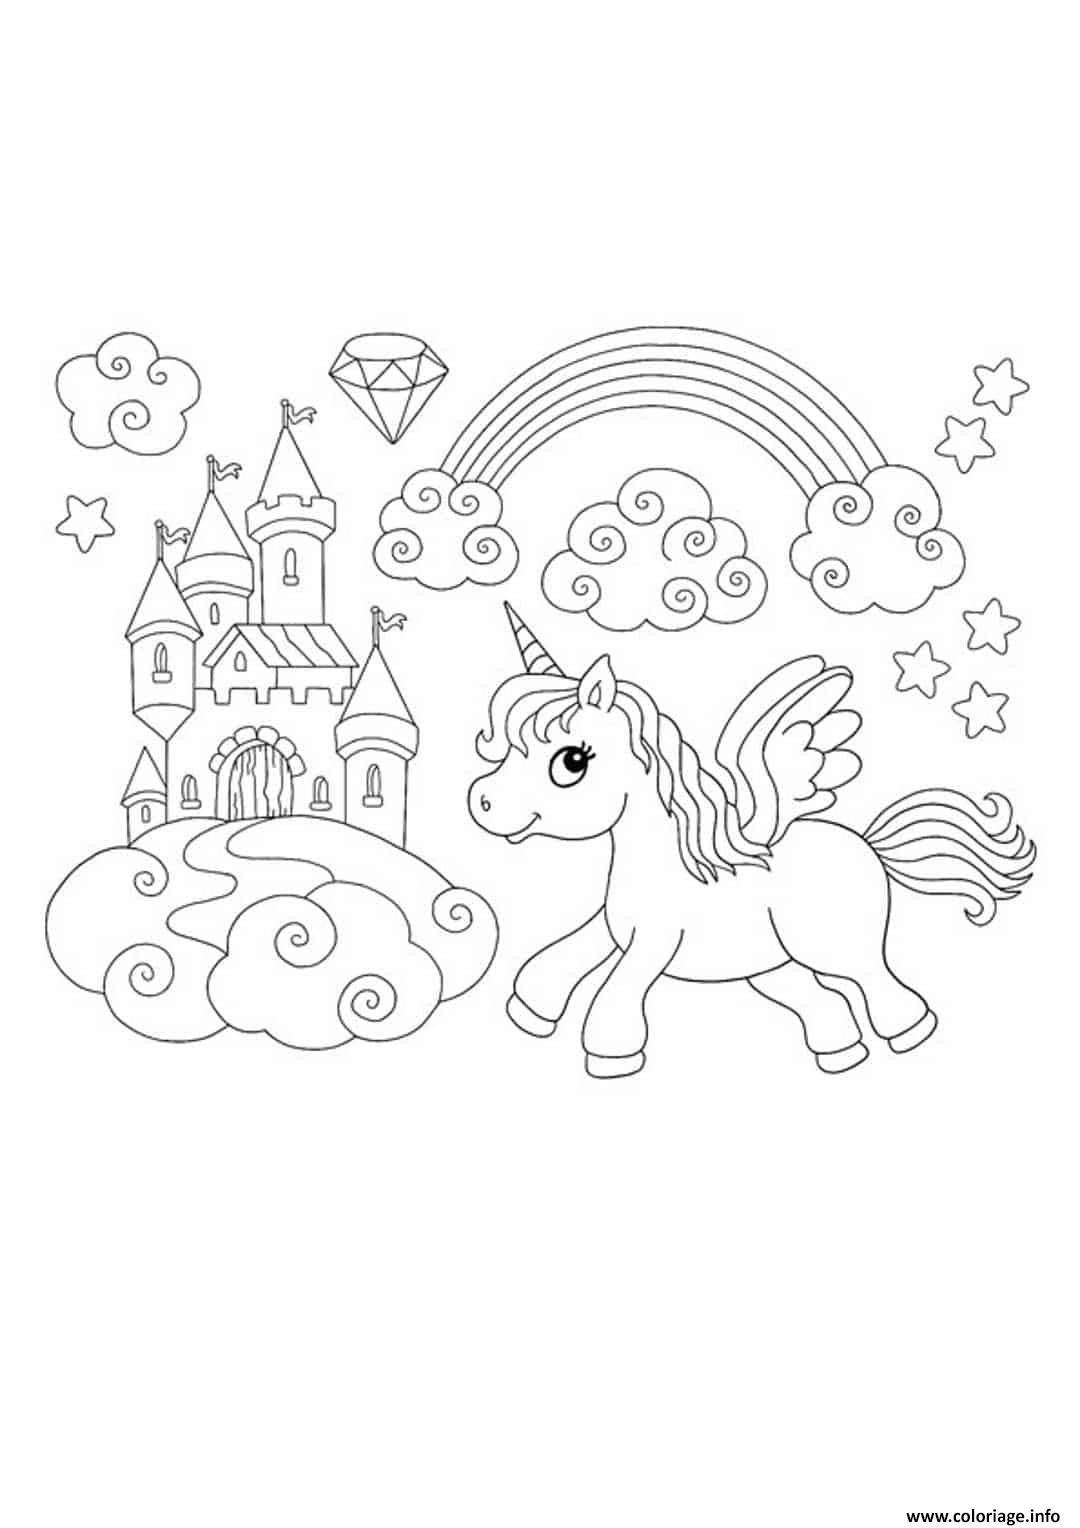 Coloriage A Imprimer Licorne Arc En Ciel / Coloriage Licorne A ...